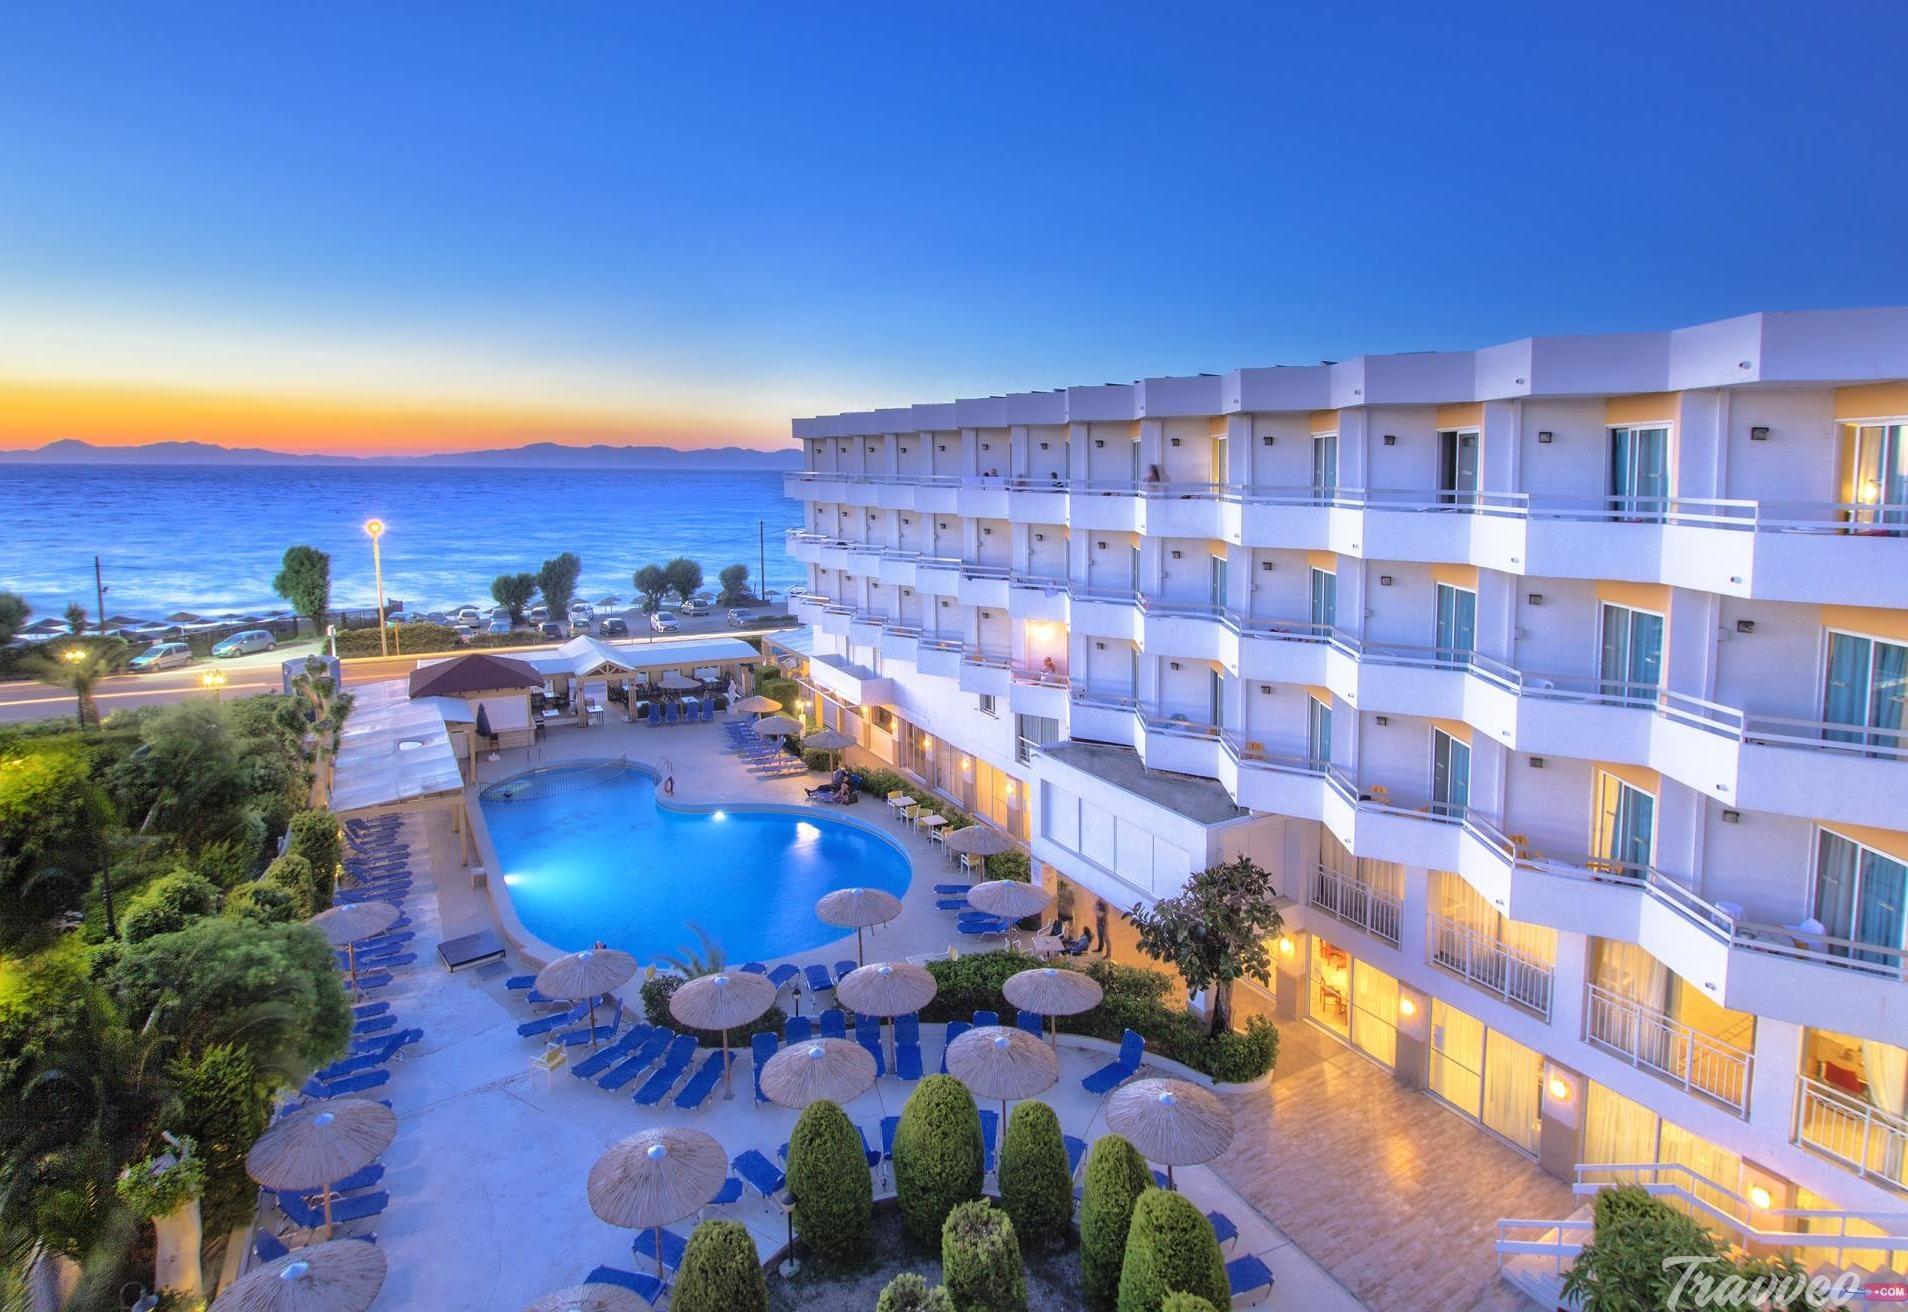 فنادق موصي بها في رودس